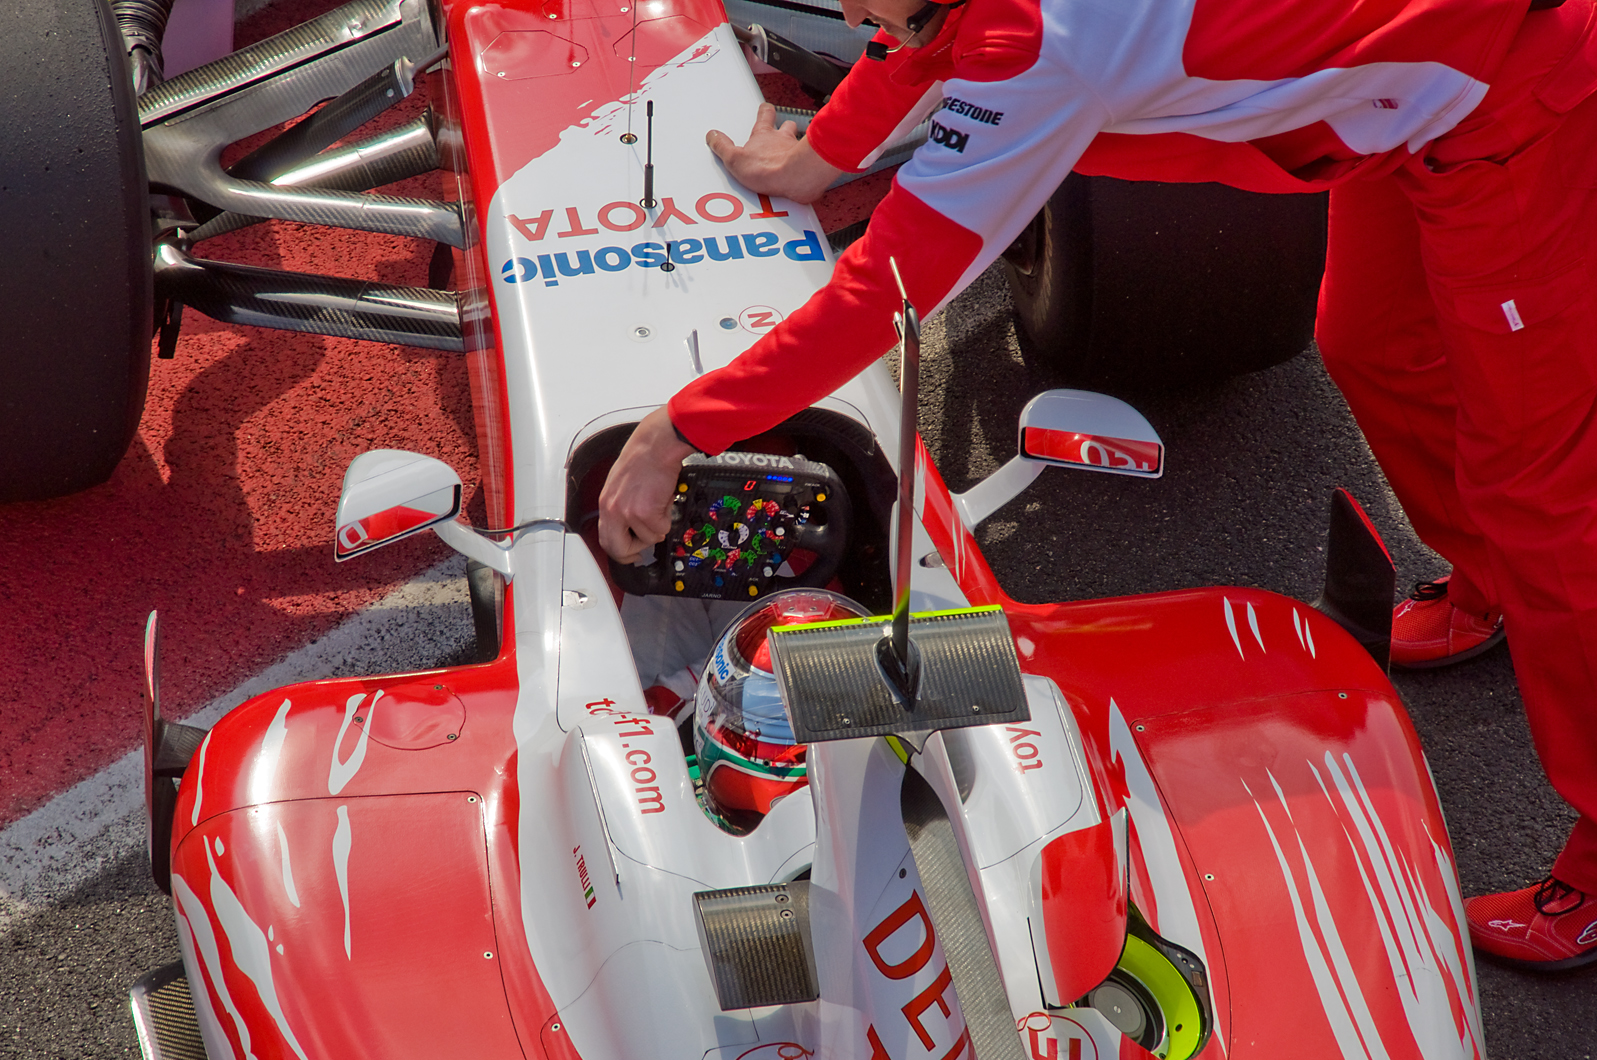 Toyota F1, equipe histórica de Formula 1 de 2009 - by wikimedia.org